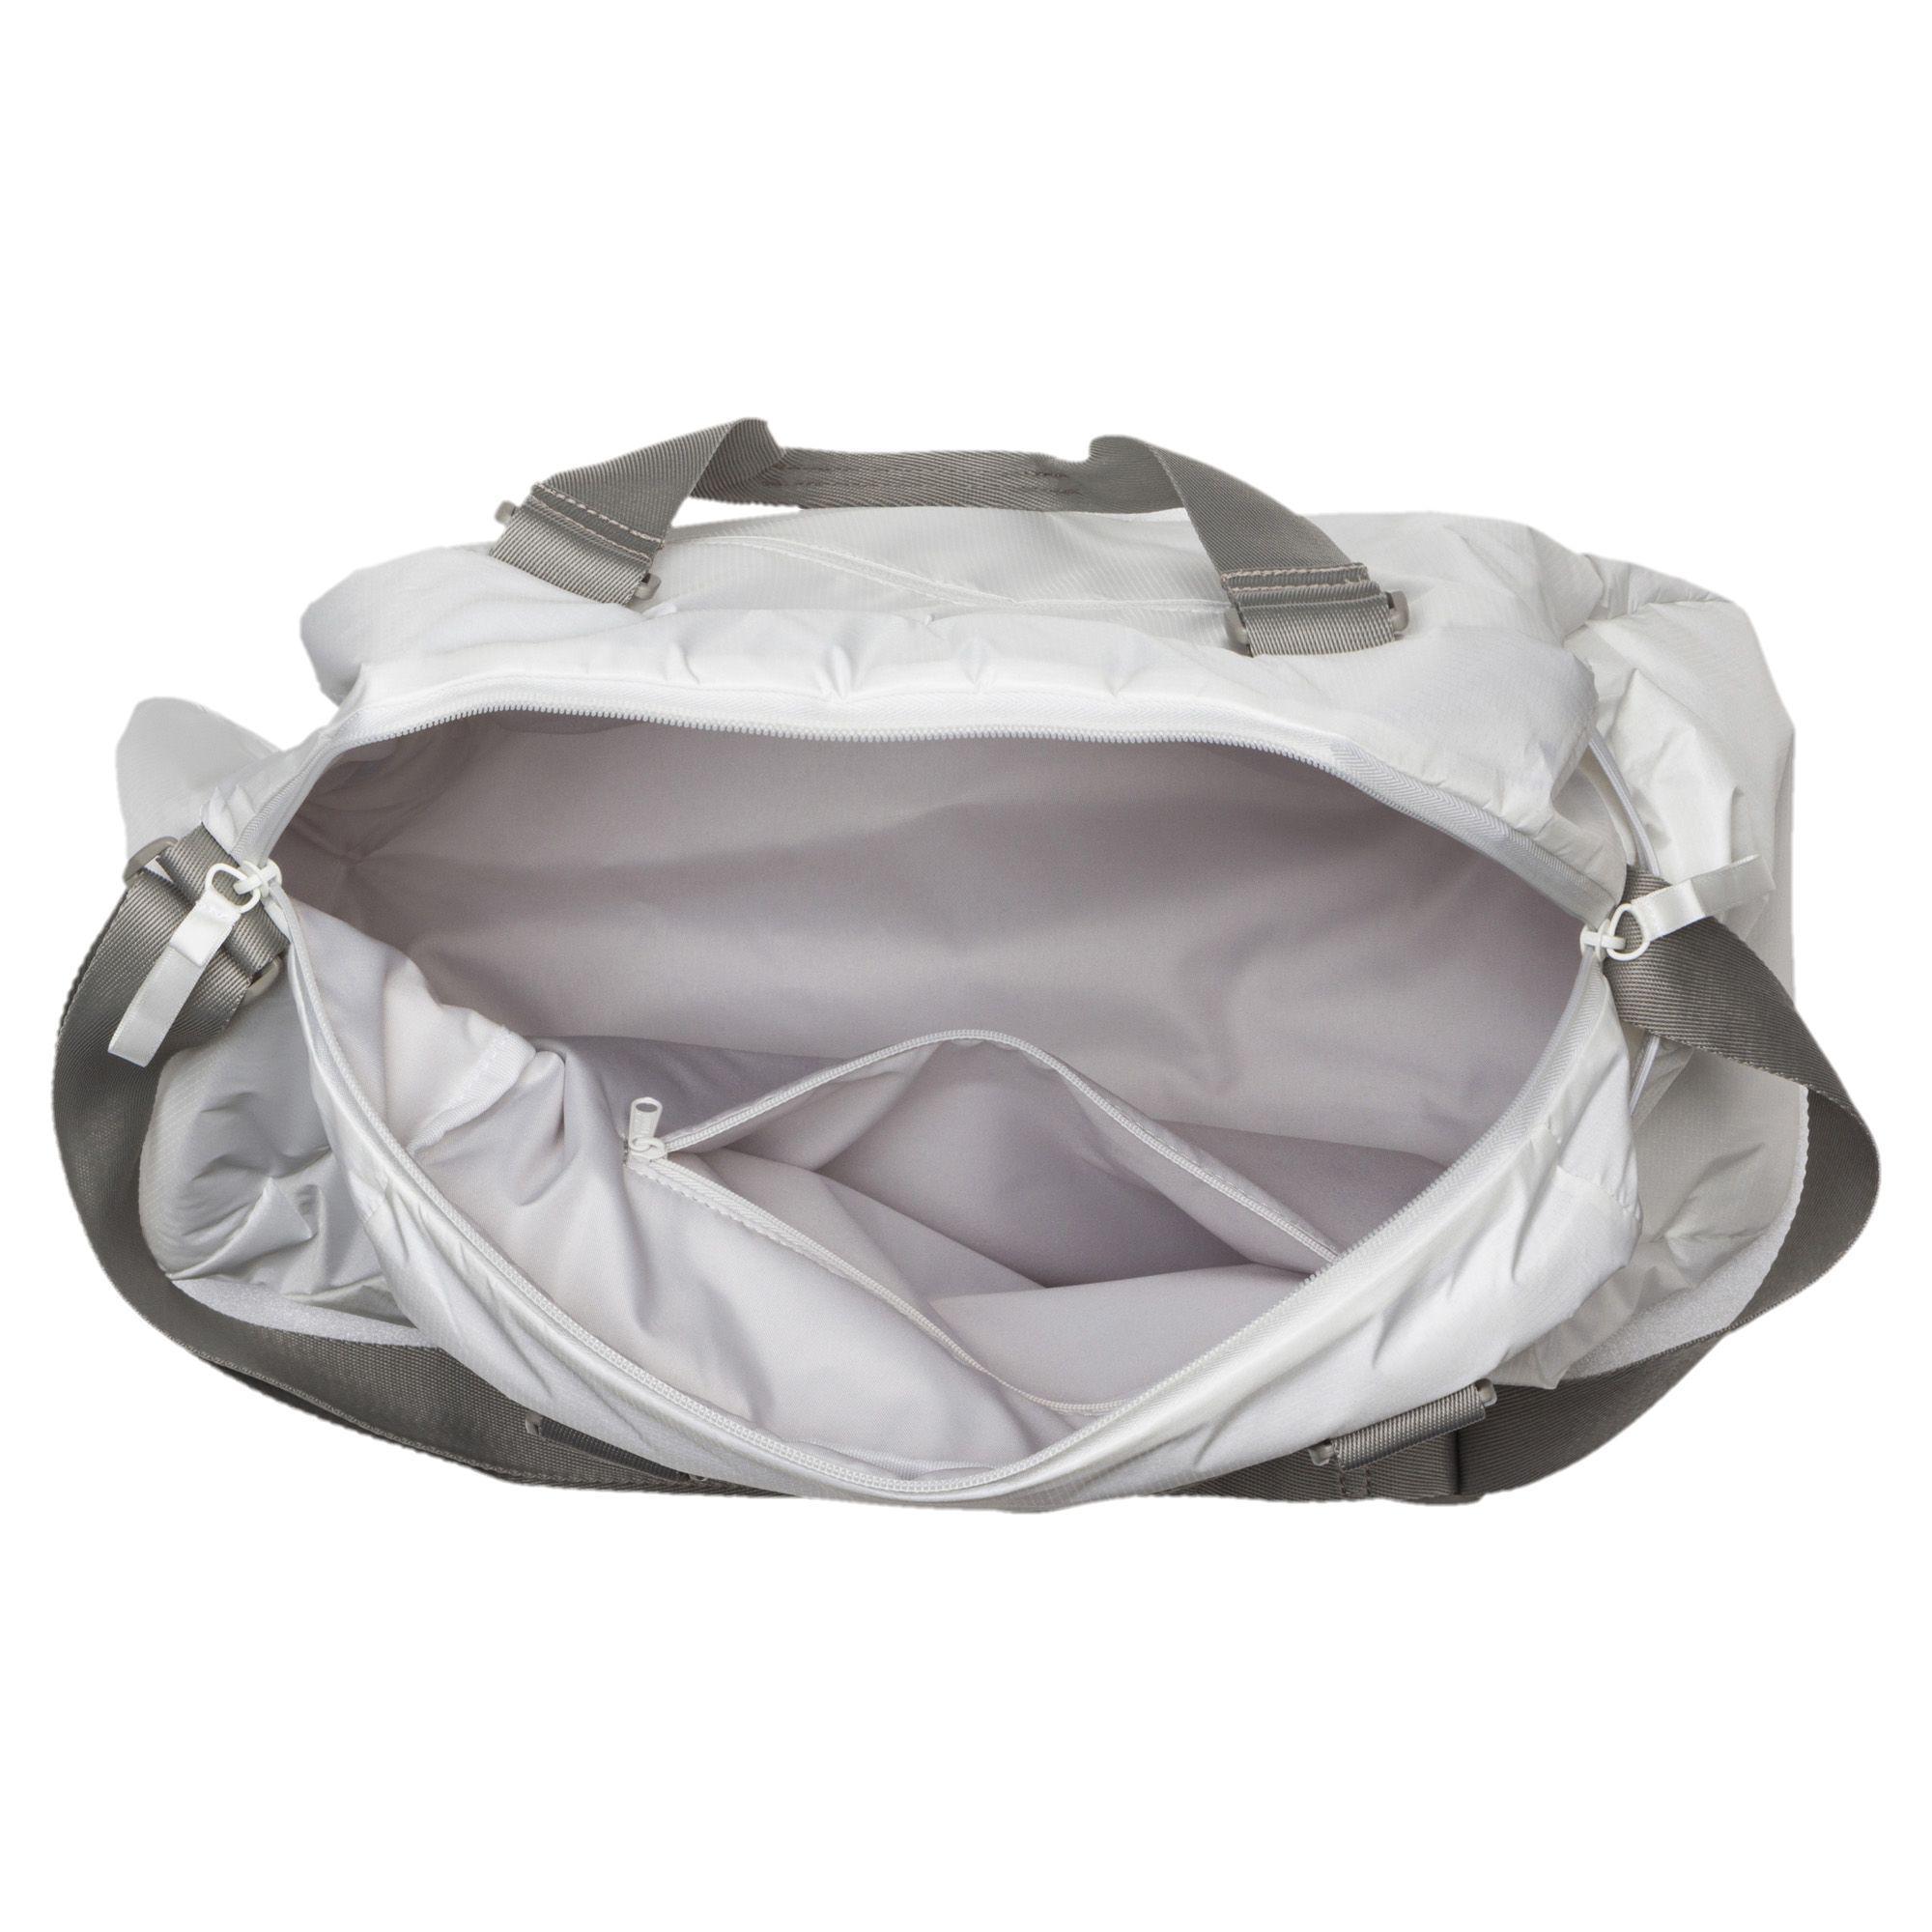 4f1b874c65d Lyst - PUMA En Pointe Sports Bag